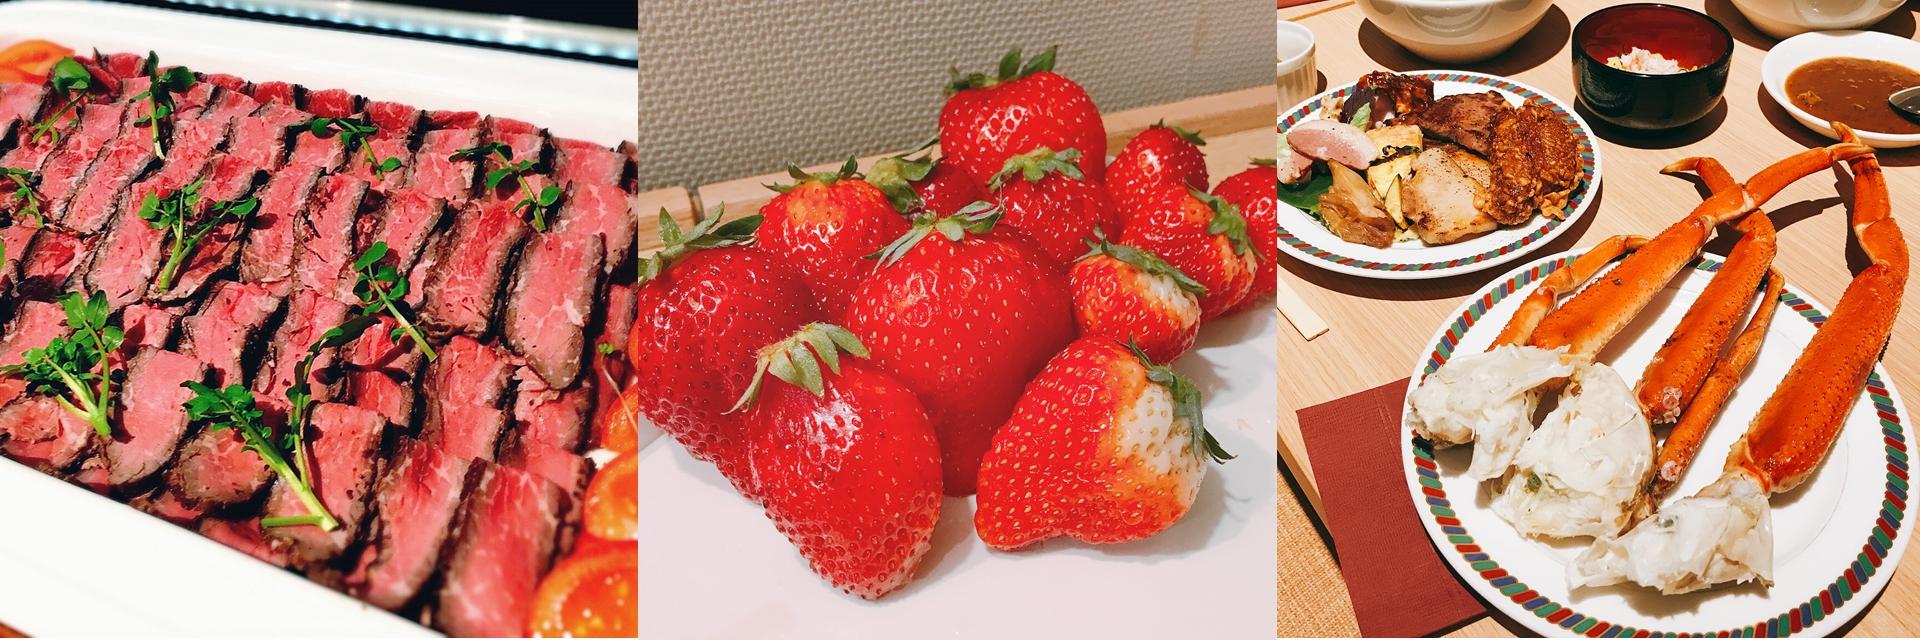 到了日本,減肥永遠是明天的事!前進東北,一起大啖草莓、螃蟹、山形牛!